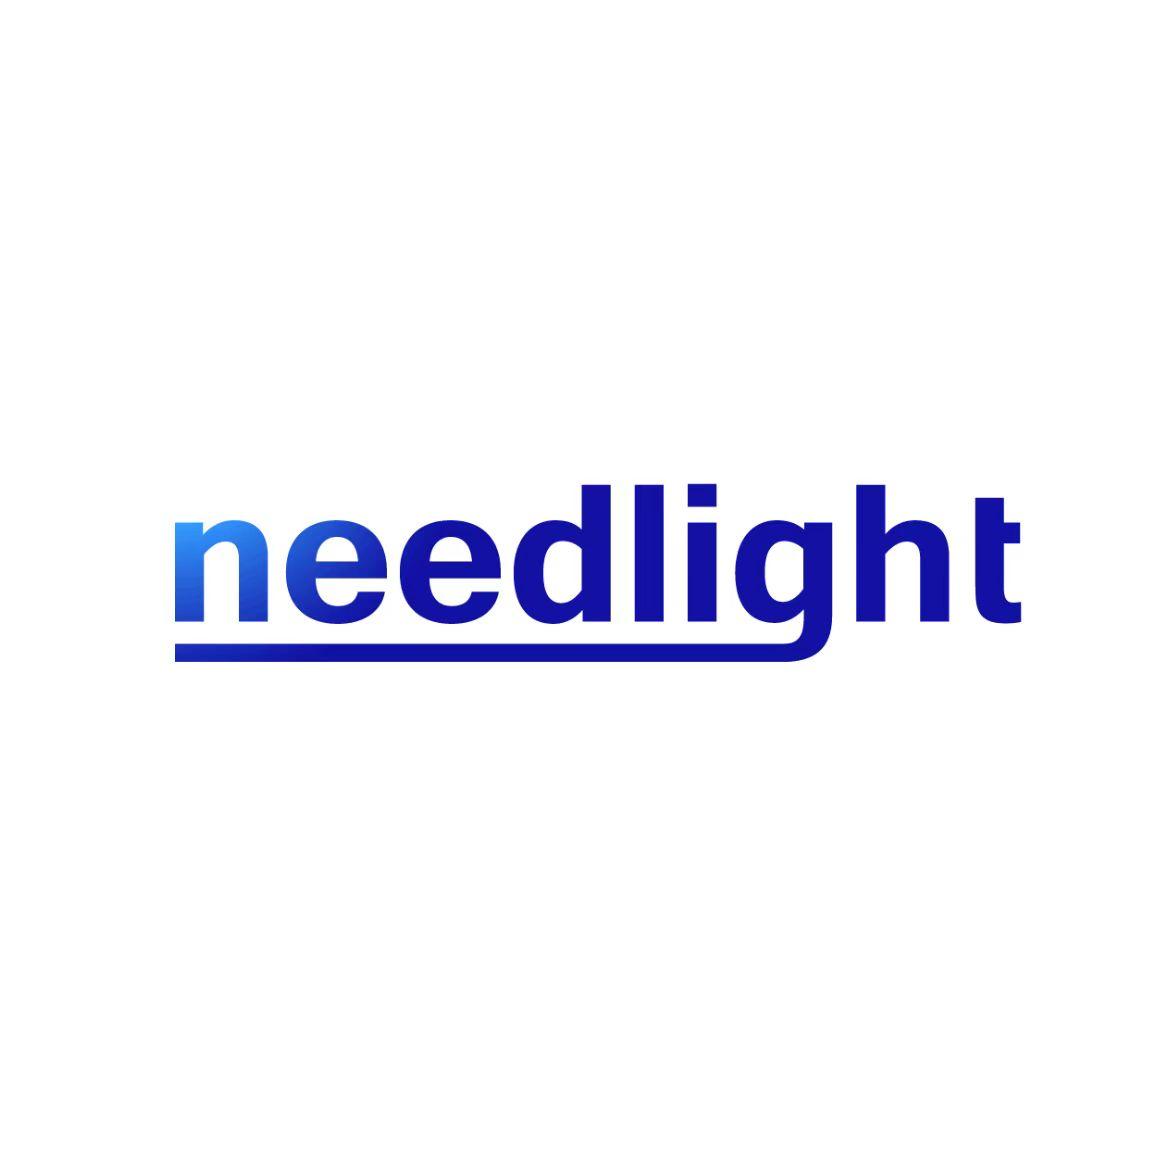 兆赞     needlight.商务/财务/法务咨询